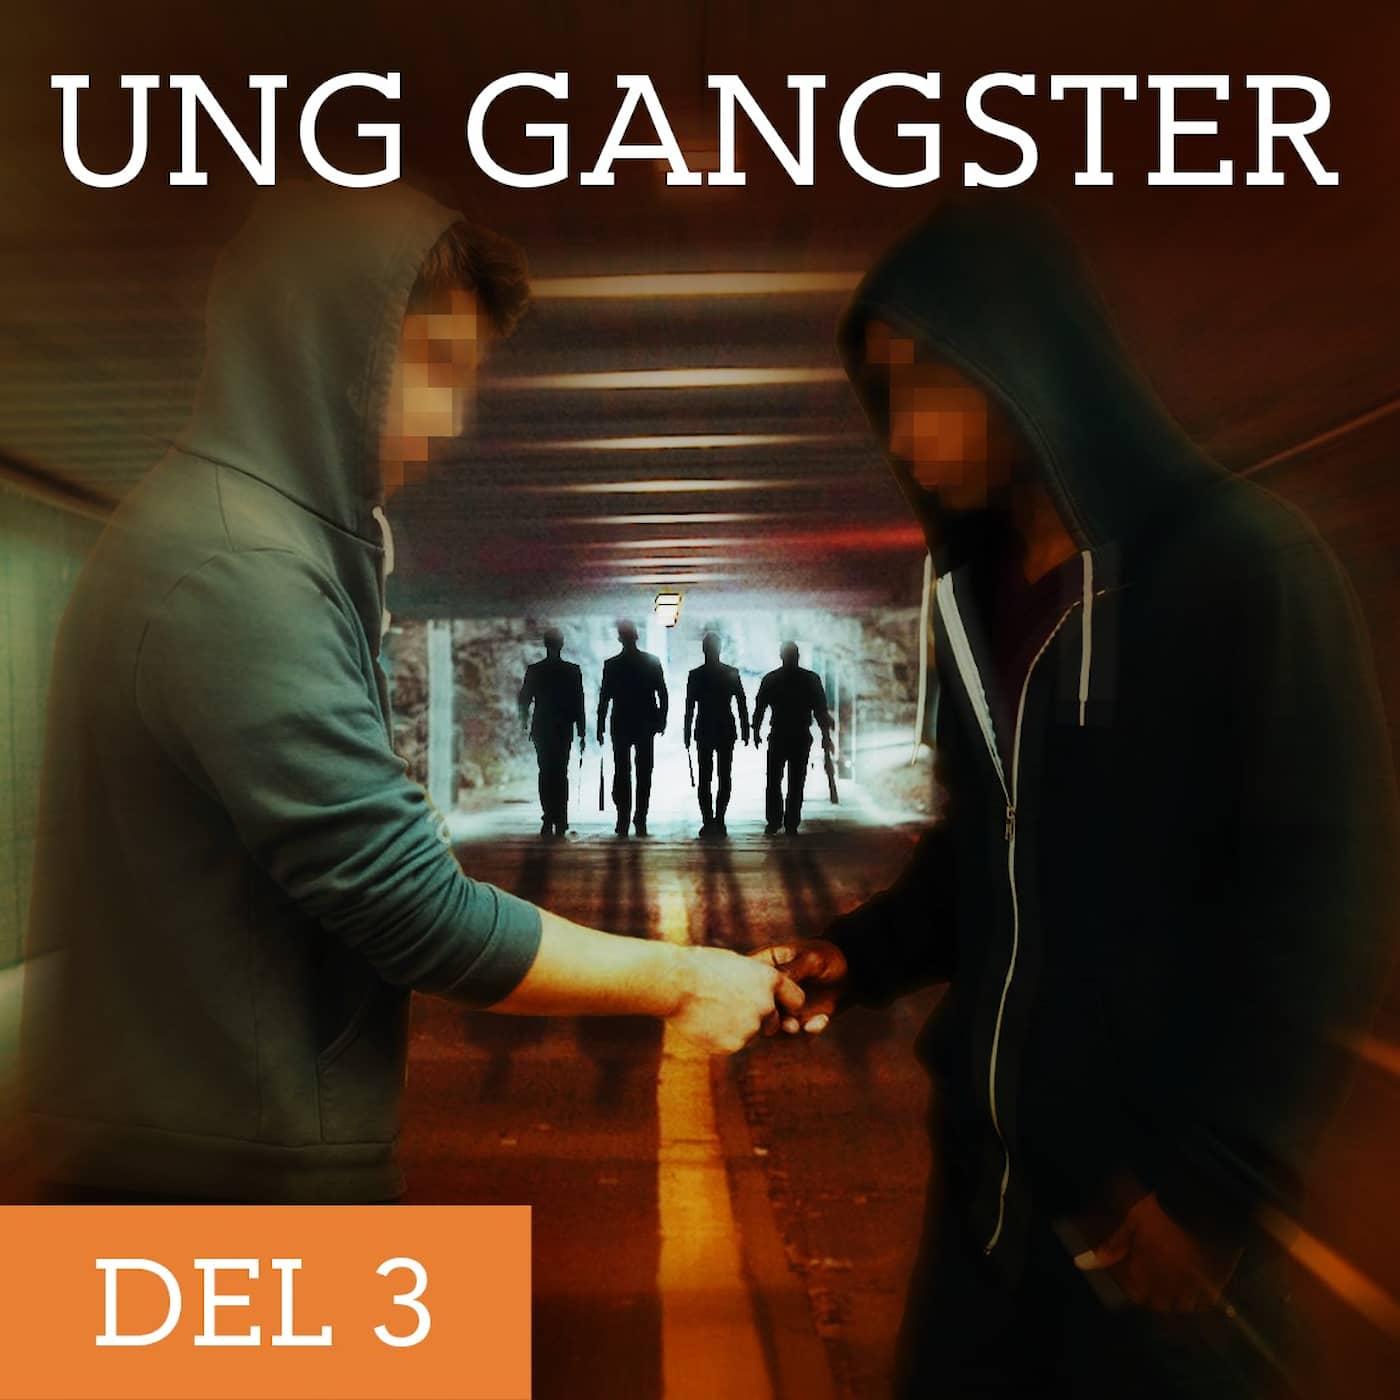 Ung Gangster – Ungt blod